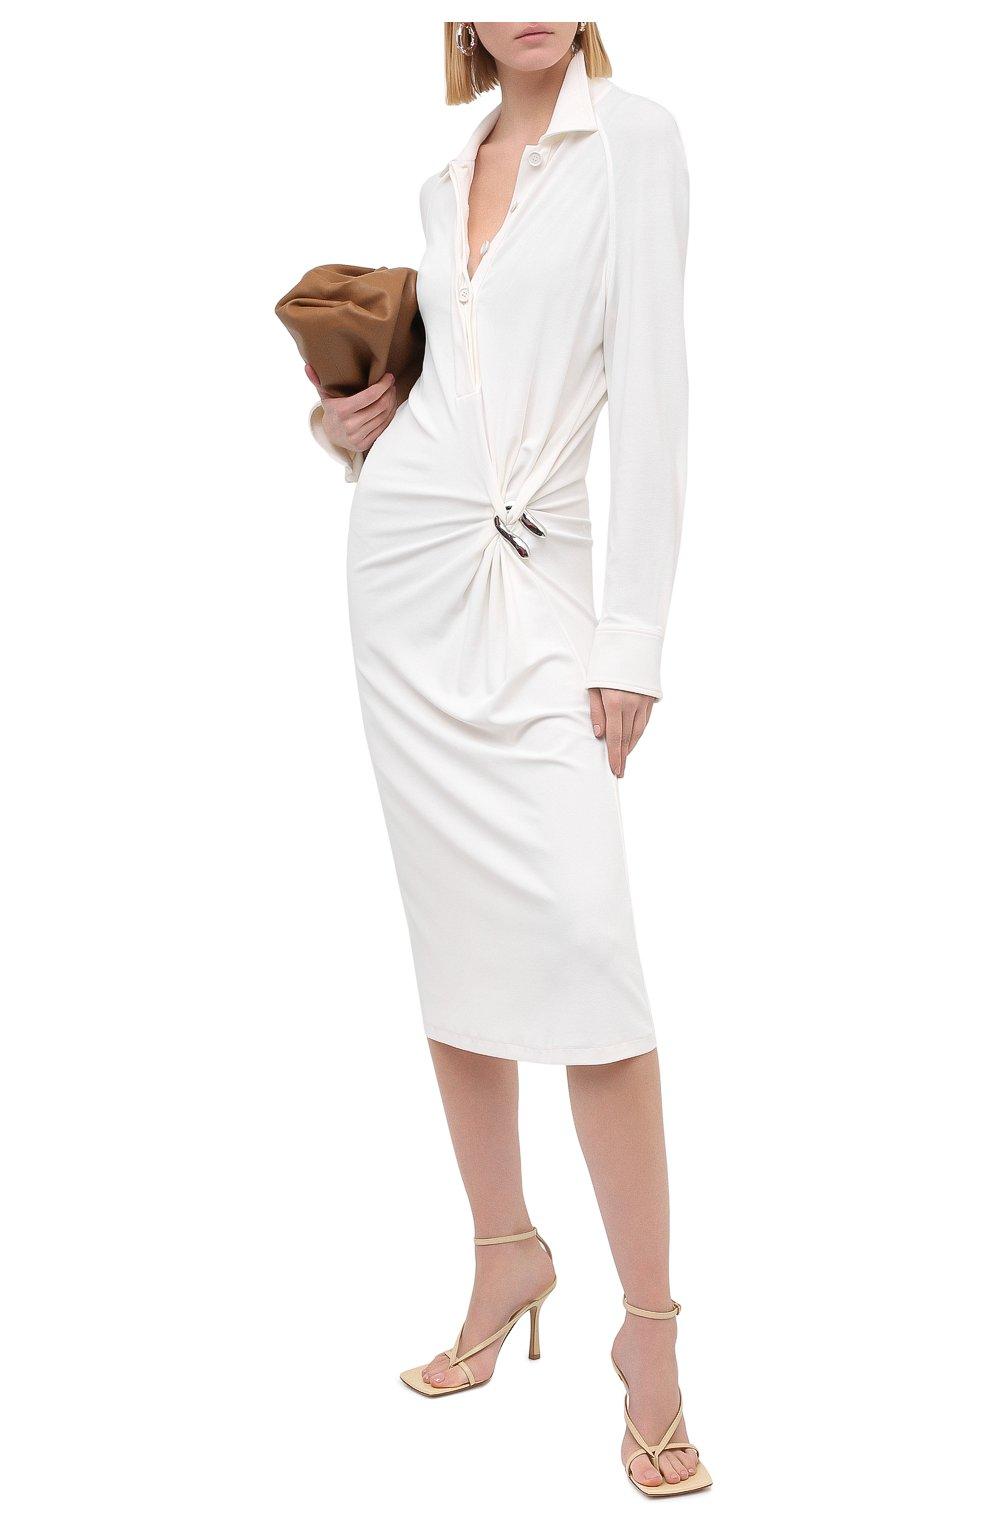 Женские кожаные босоножки the stretch BOTTEGA VENETA бежевого цвета, арт. 608835/VBSF0 | Фото 2